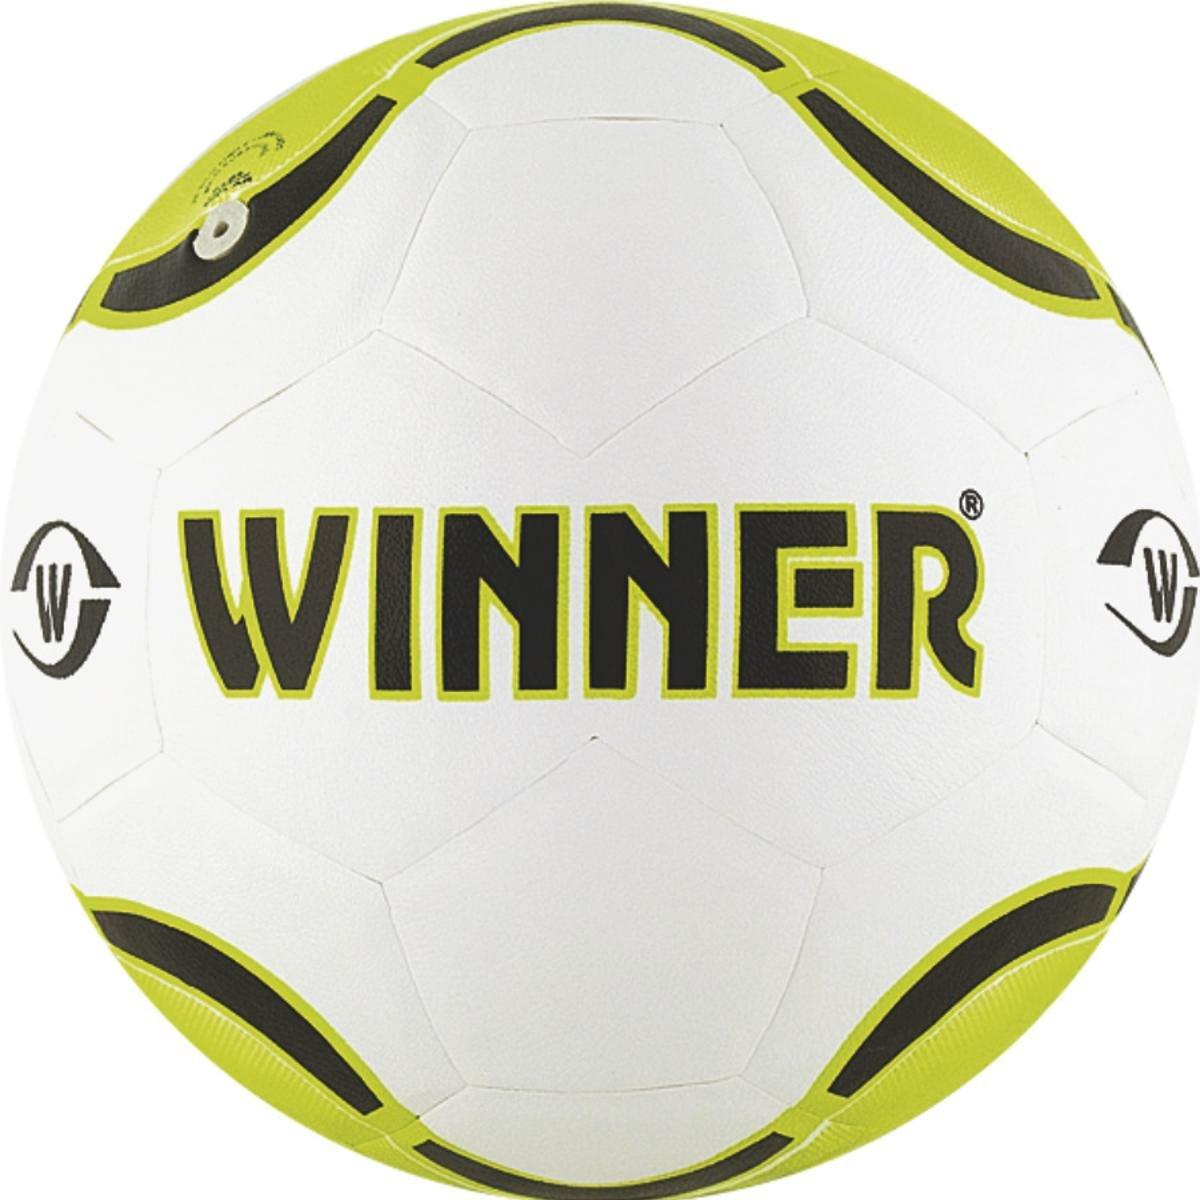 Mini bola Winner - Compre Agora  1b34a30372373